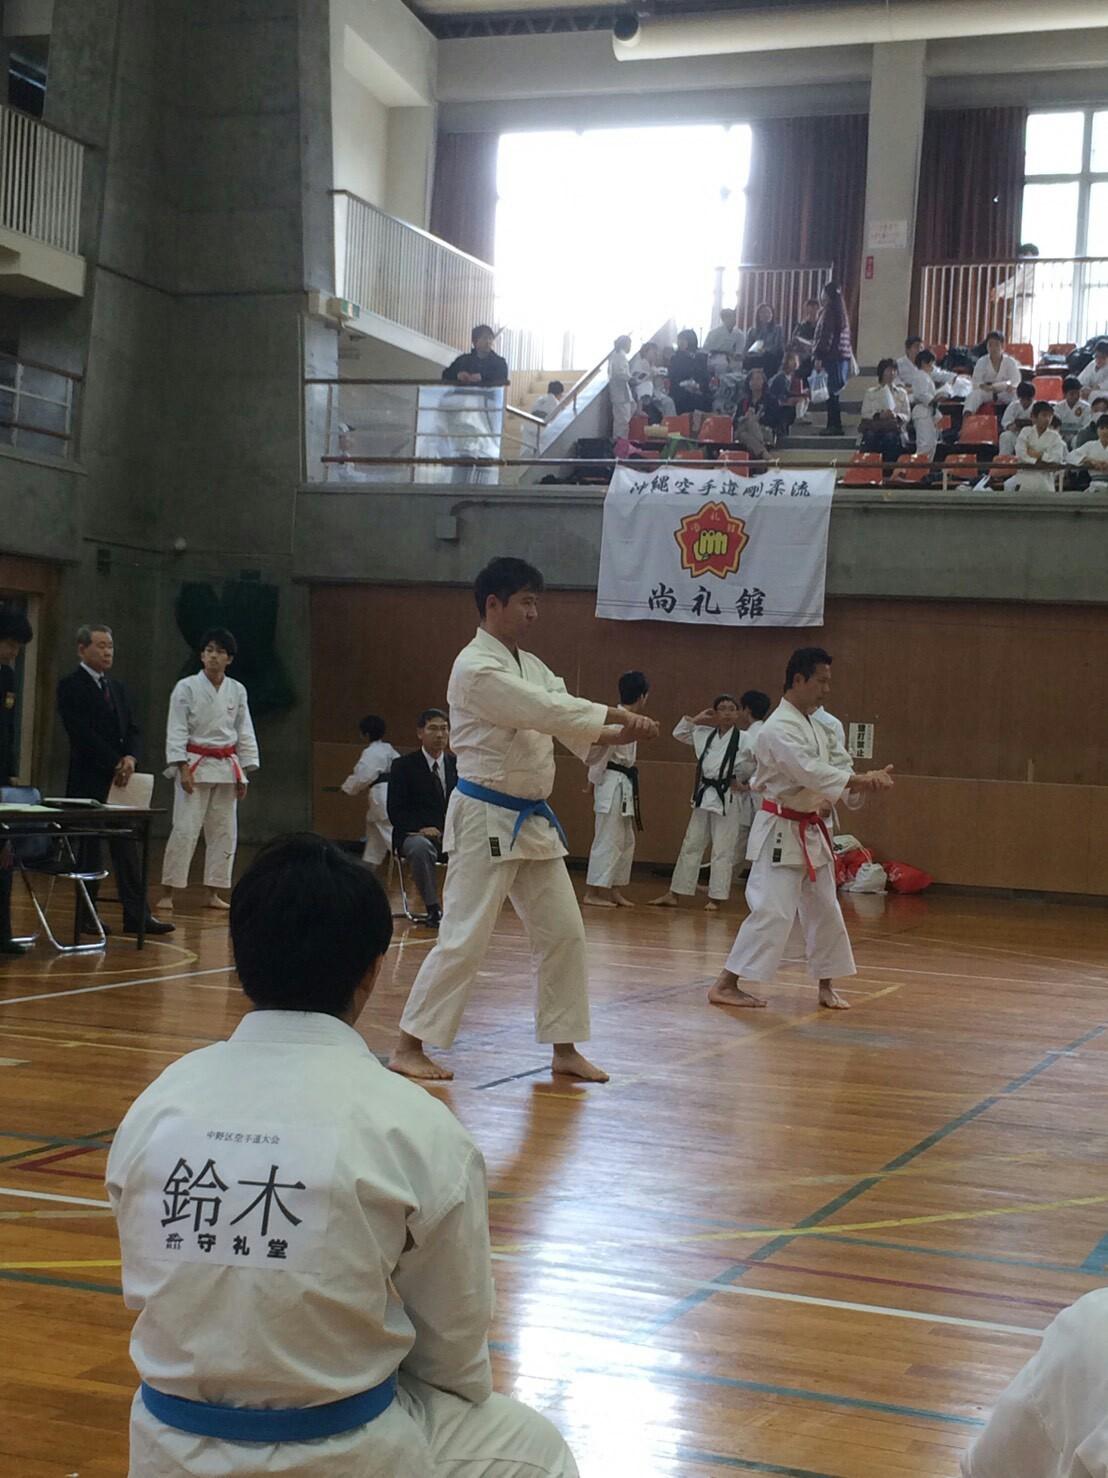 中野区空手道大会、東京都空手道大会